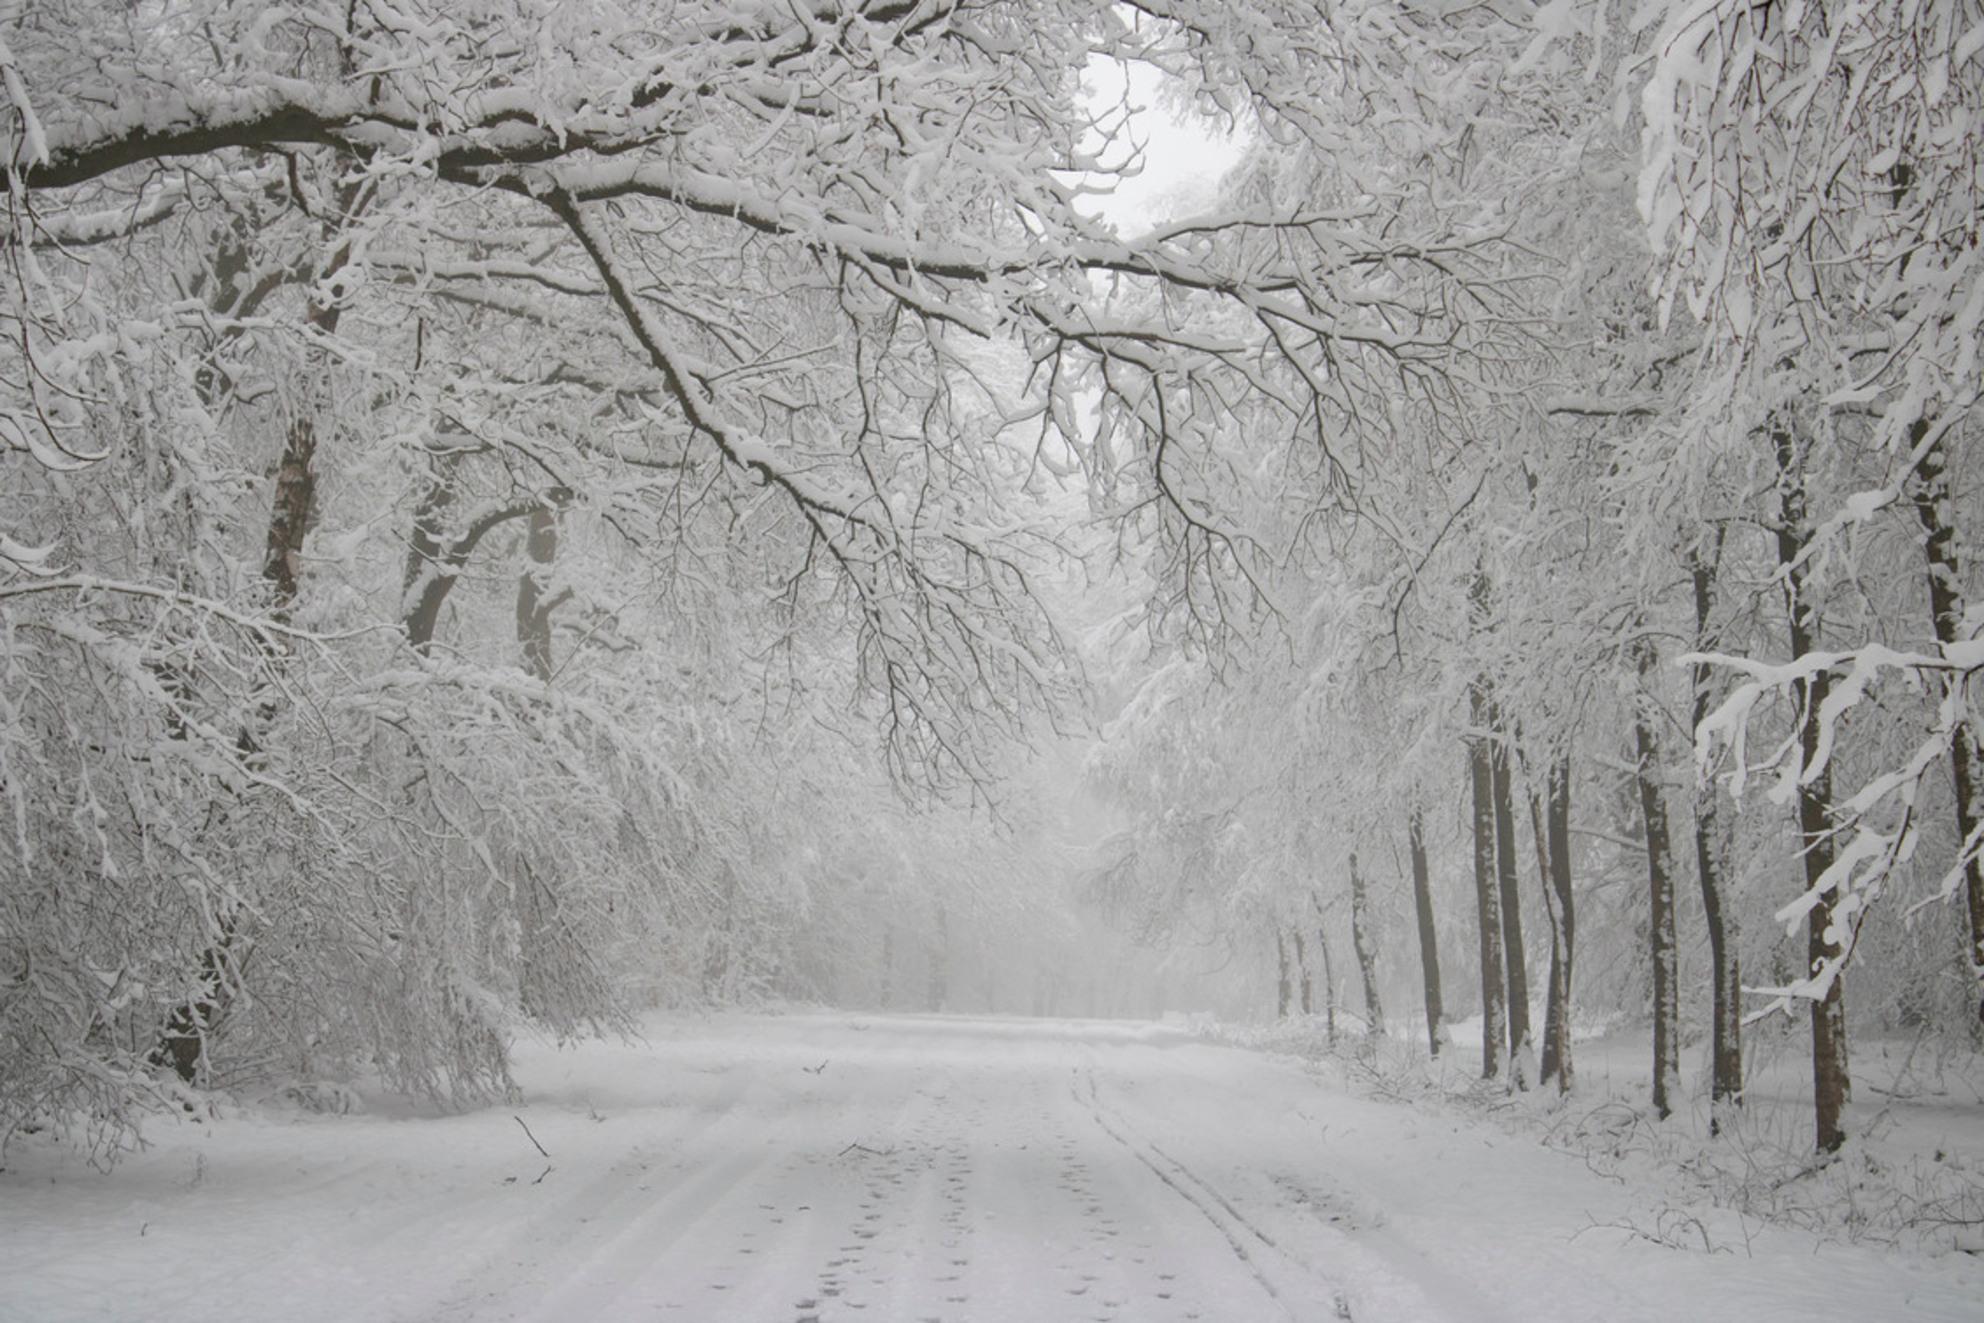 Winter Wonderland - Gistermorgen al heel vroeg naar het Vijlenerbos gegaan om de sneeuw te fotograferen. - foto door Carla34 op 26-01-2021 - deze foto bevat: boom, natuur, sneeuw, winter, landschap, bos, nederland, vijlen, vijlenerbos, zuid-limburg, vroege ochtend, winter wonderland - Deze foto mag gebruikt worden in een Zoom.nl publicatie